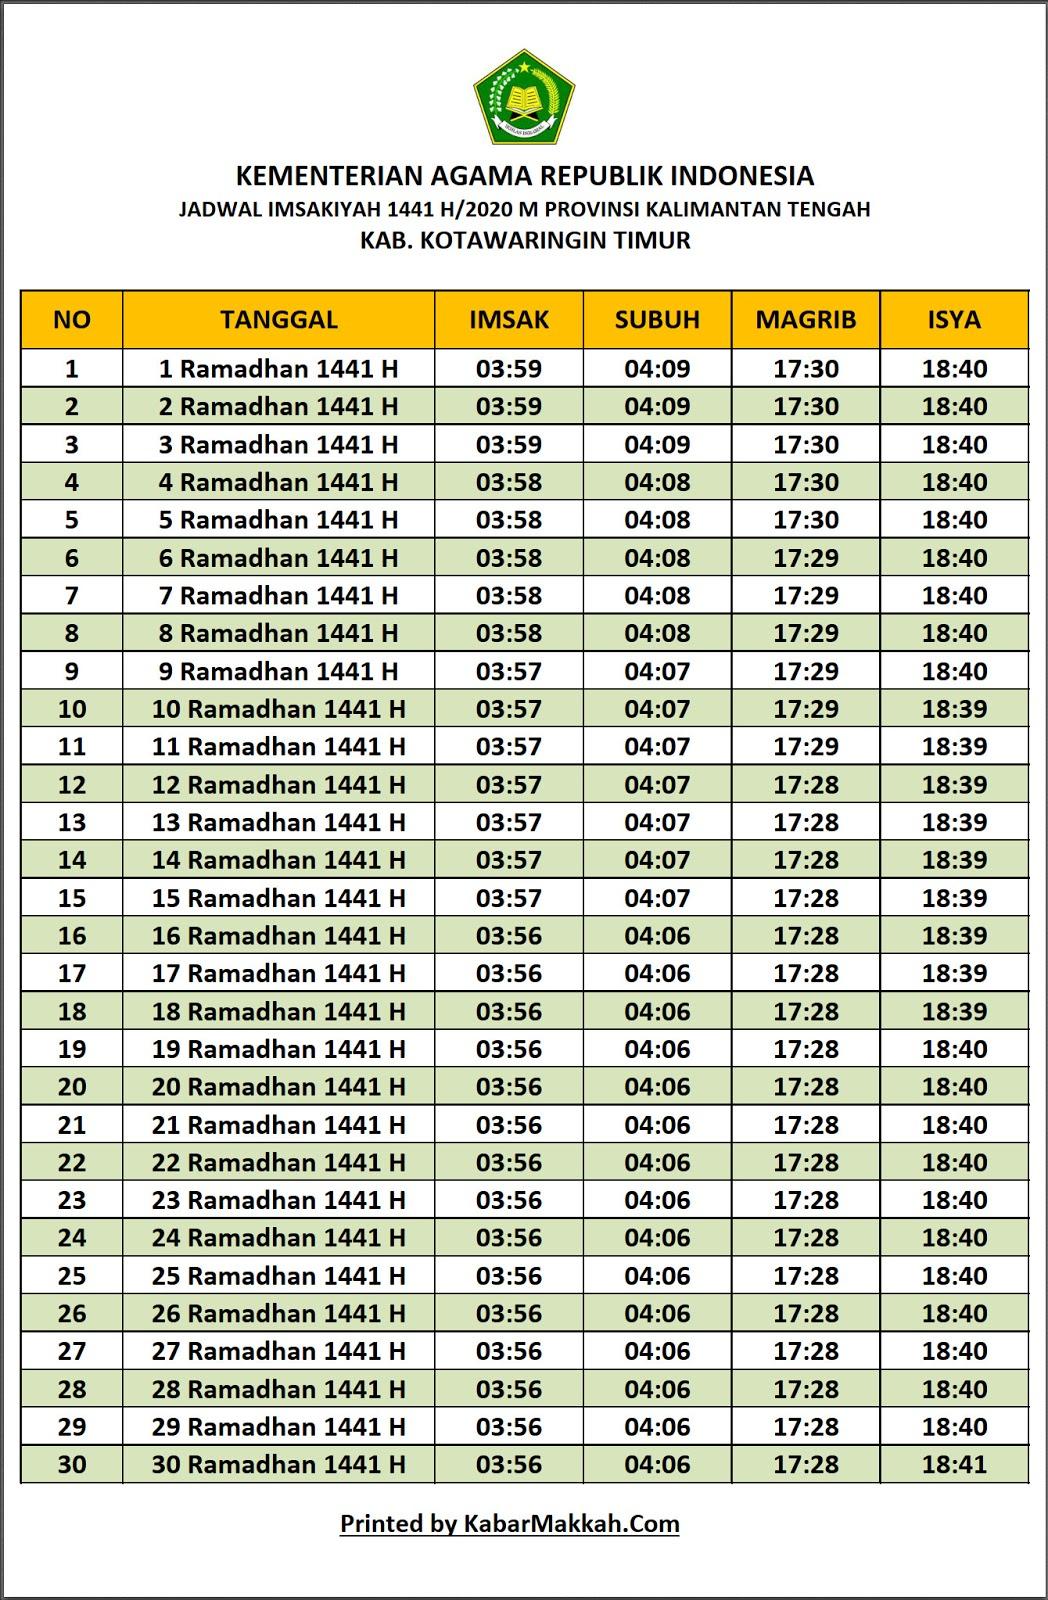 Jadwal Imsakiyah Kotawaringin Timur 2020